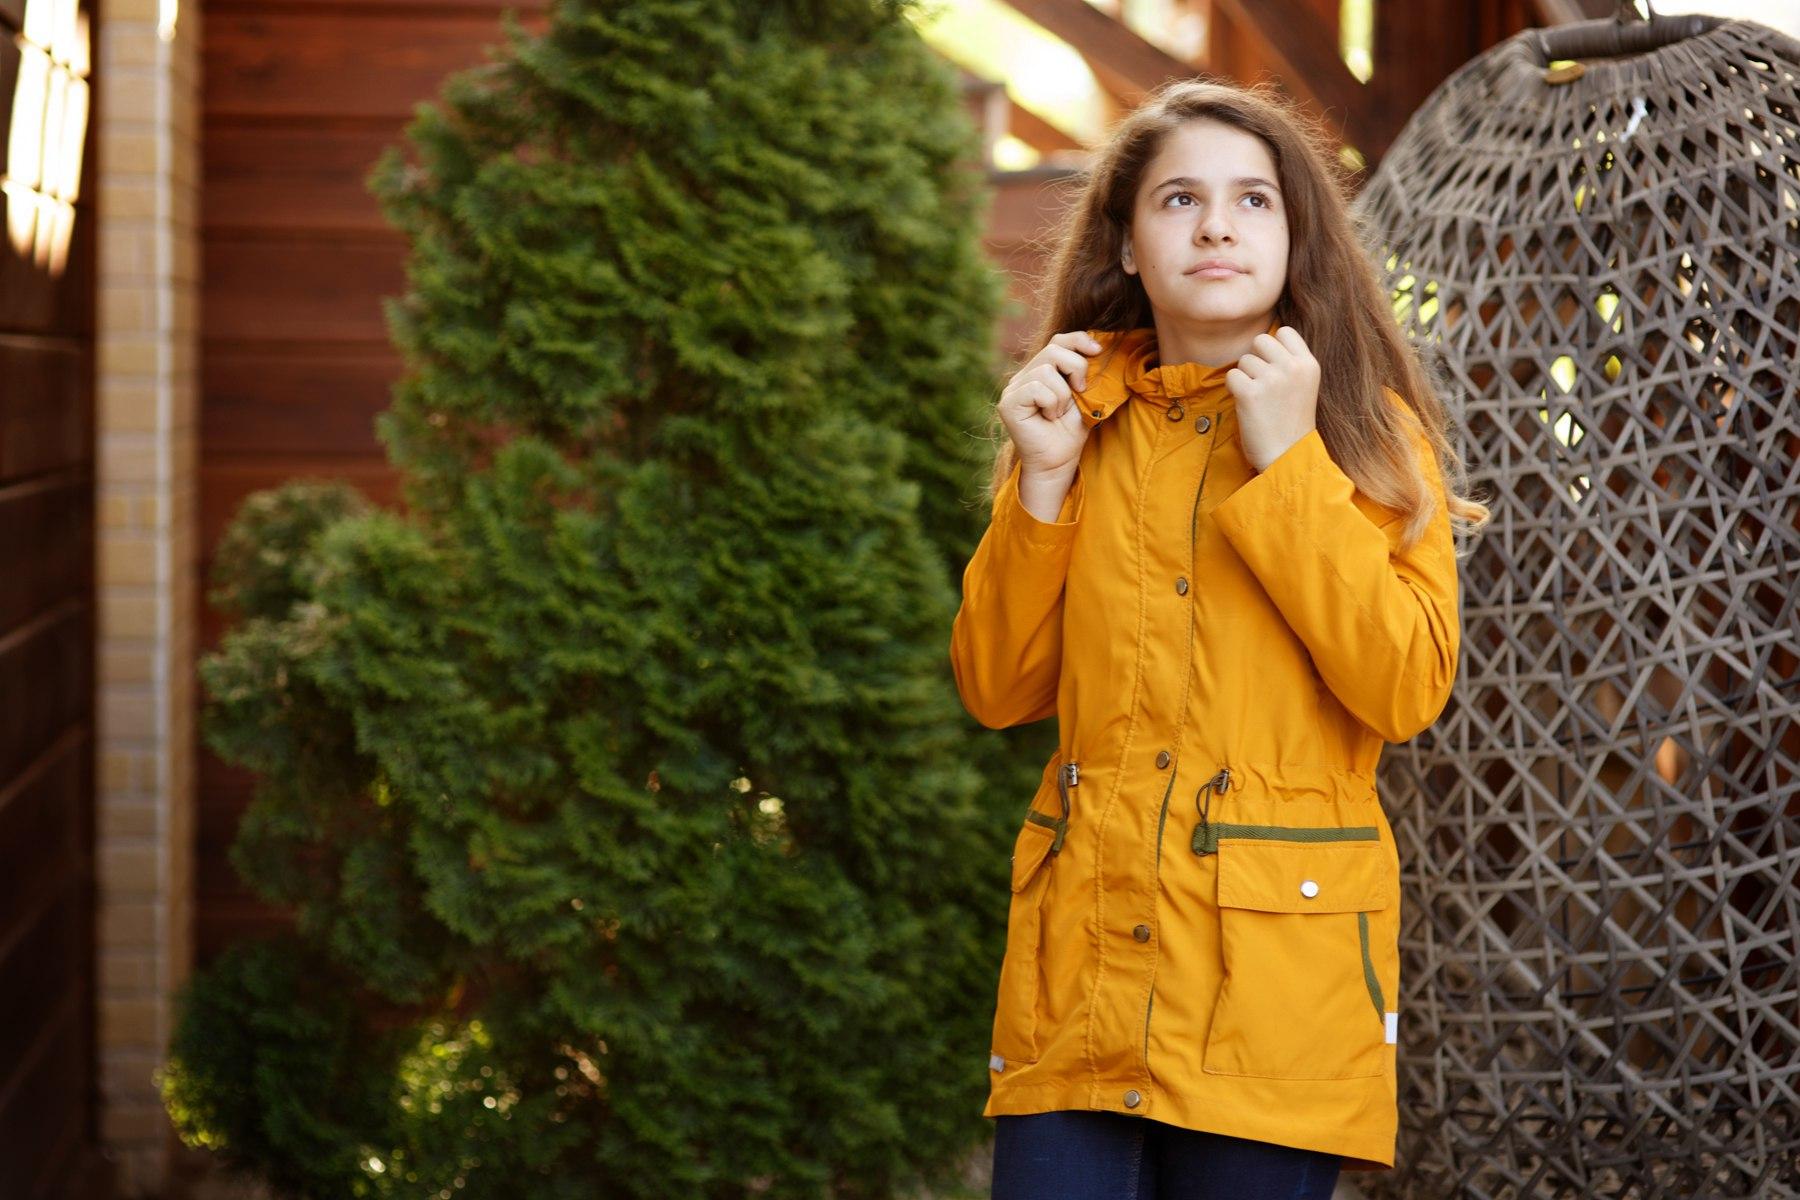 Brinco - верхняя детская одежда с уникальной системой роста. Предзаказ весна 2017